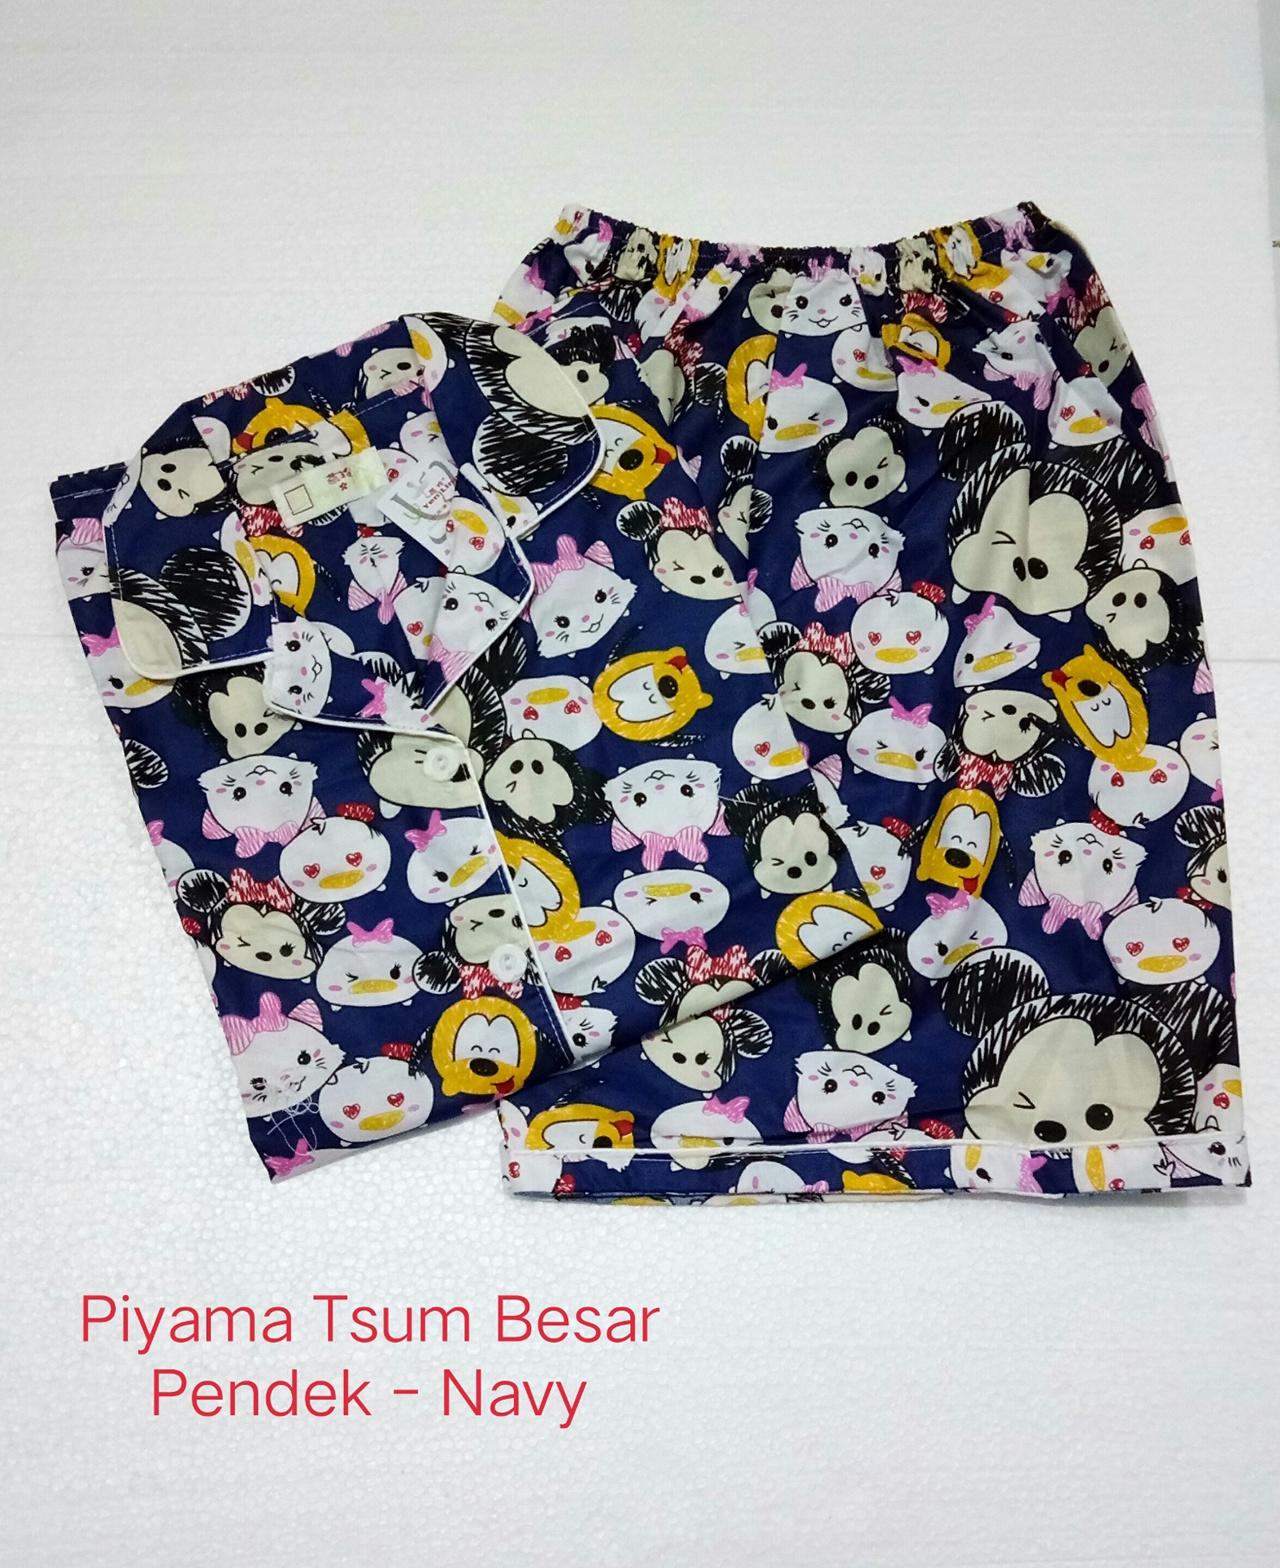 Fortune Fashion Piyama Tsum Besar Pendek Bahan Katun Jepang Fit to XL Ld 104cm. Busui